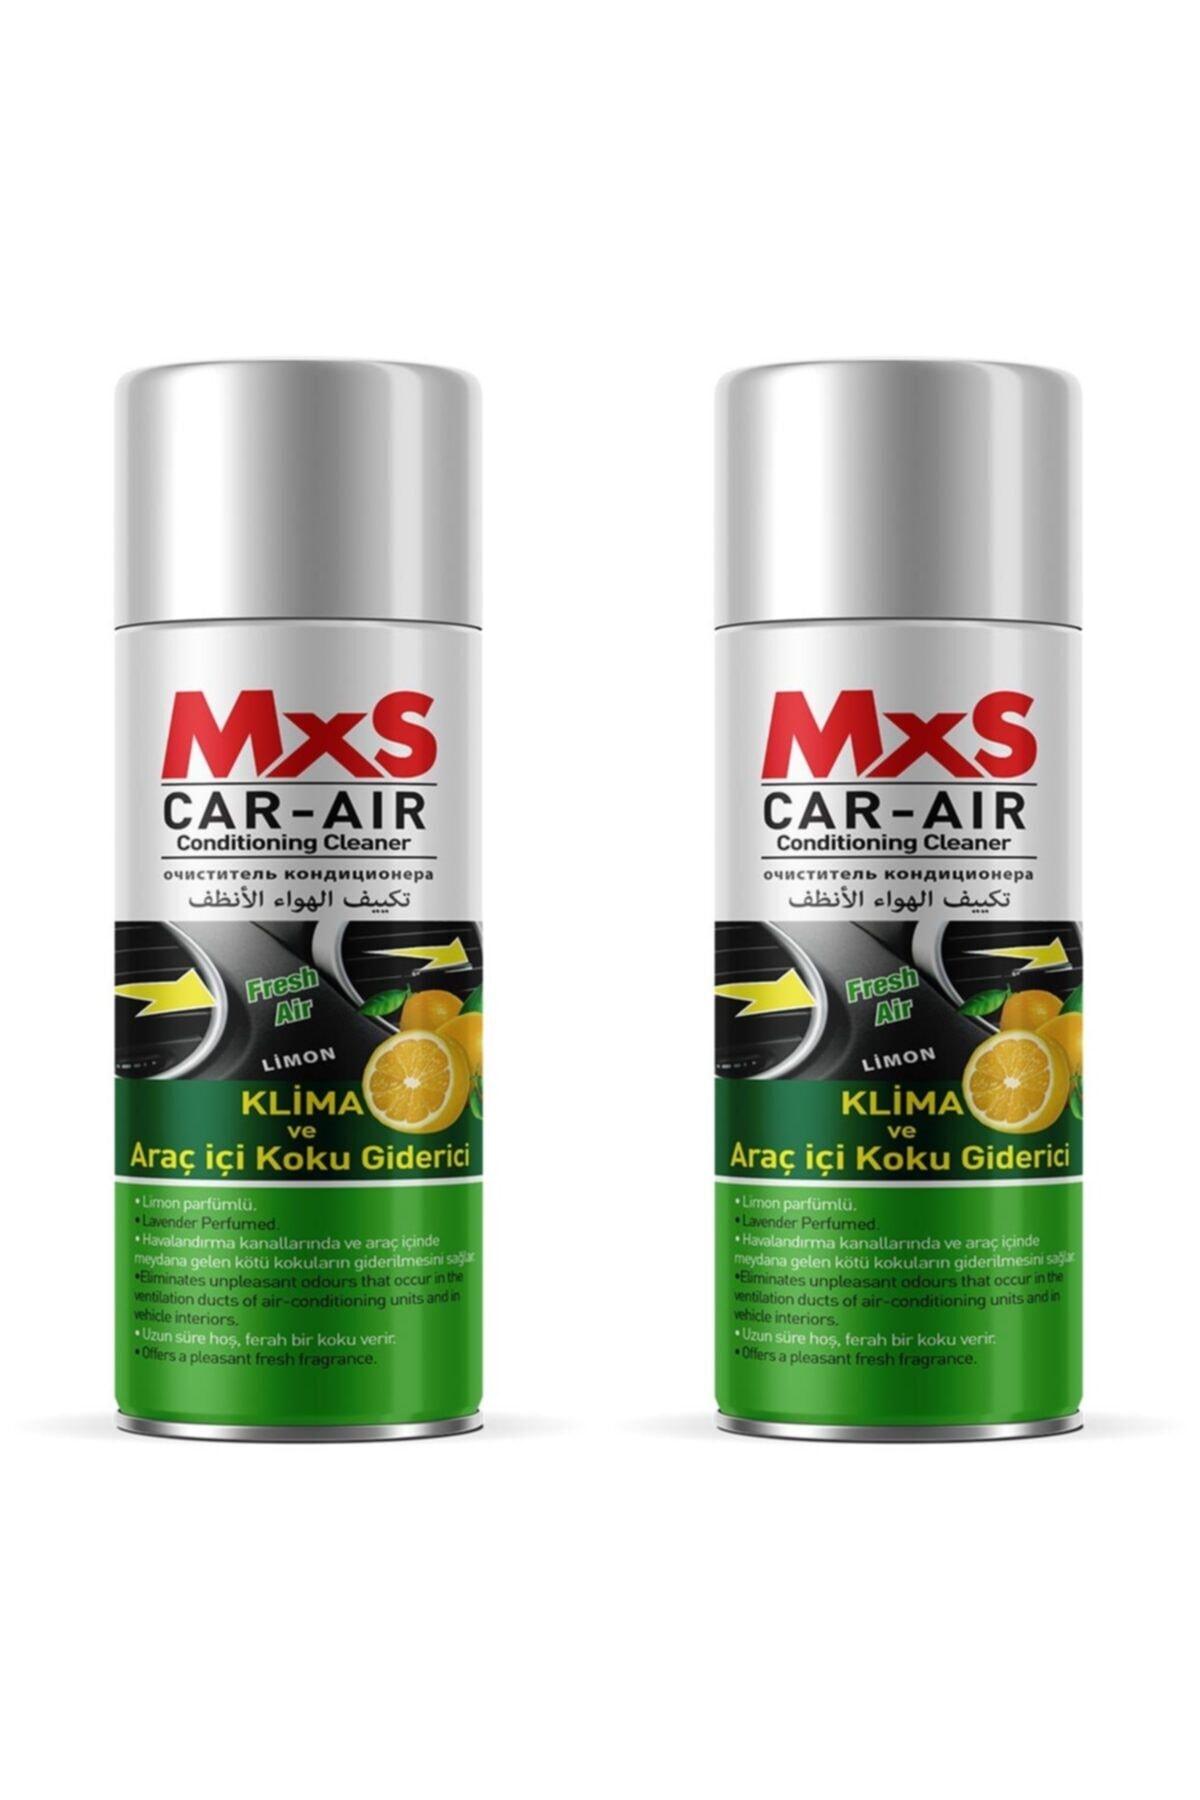 MxS Fresh Koku Bomba Araç Içi Ve Klima Koku Giderici Limon Kokulu 200 ml - 2 Adet 1